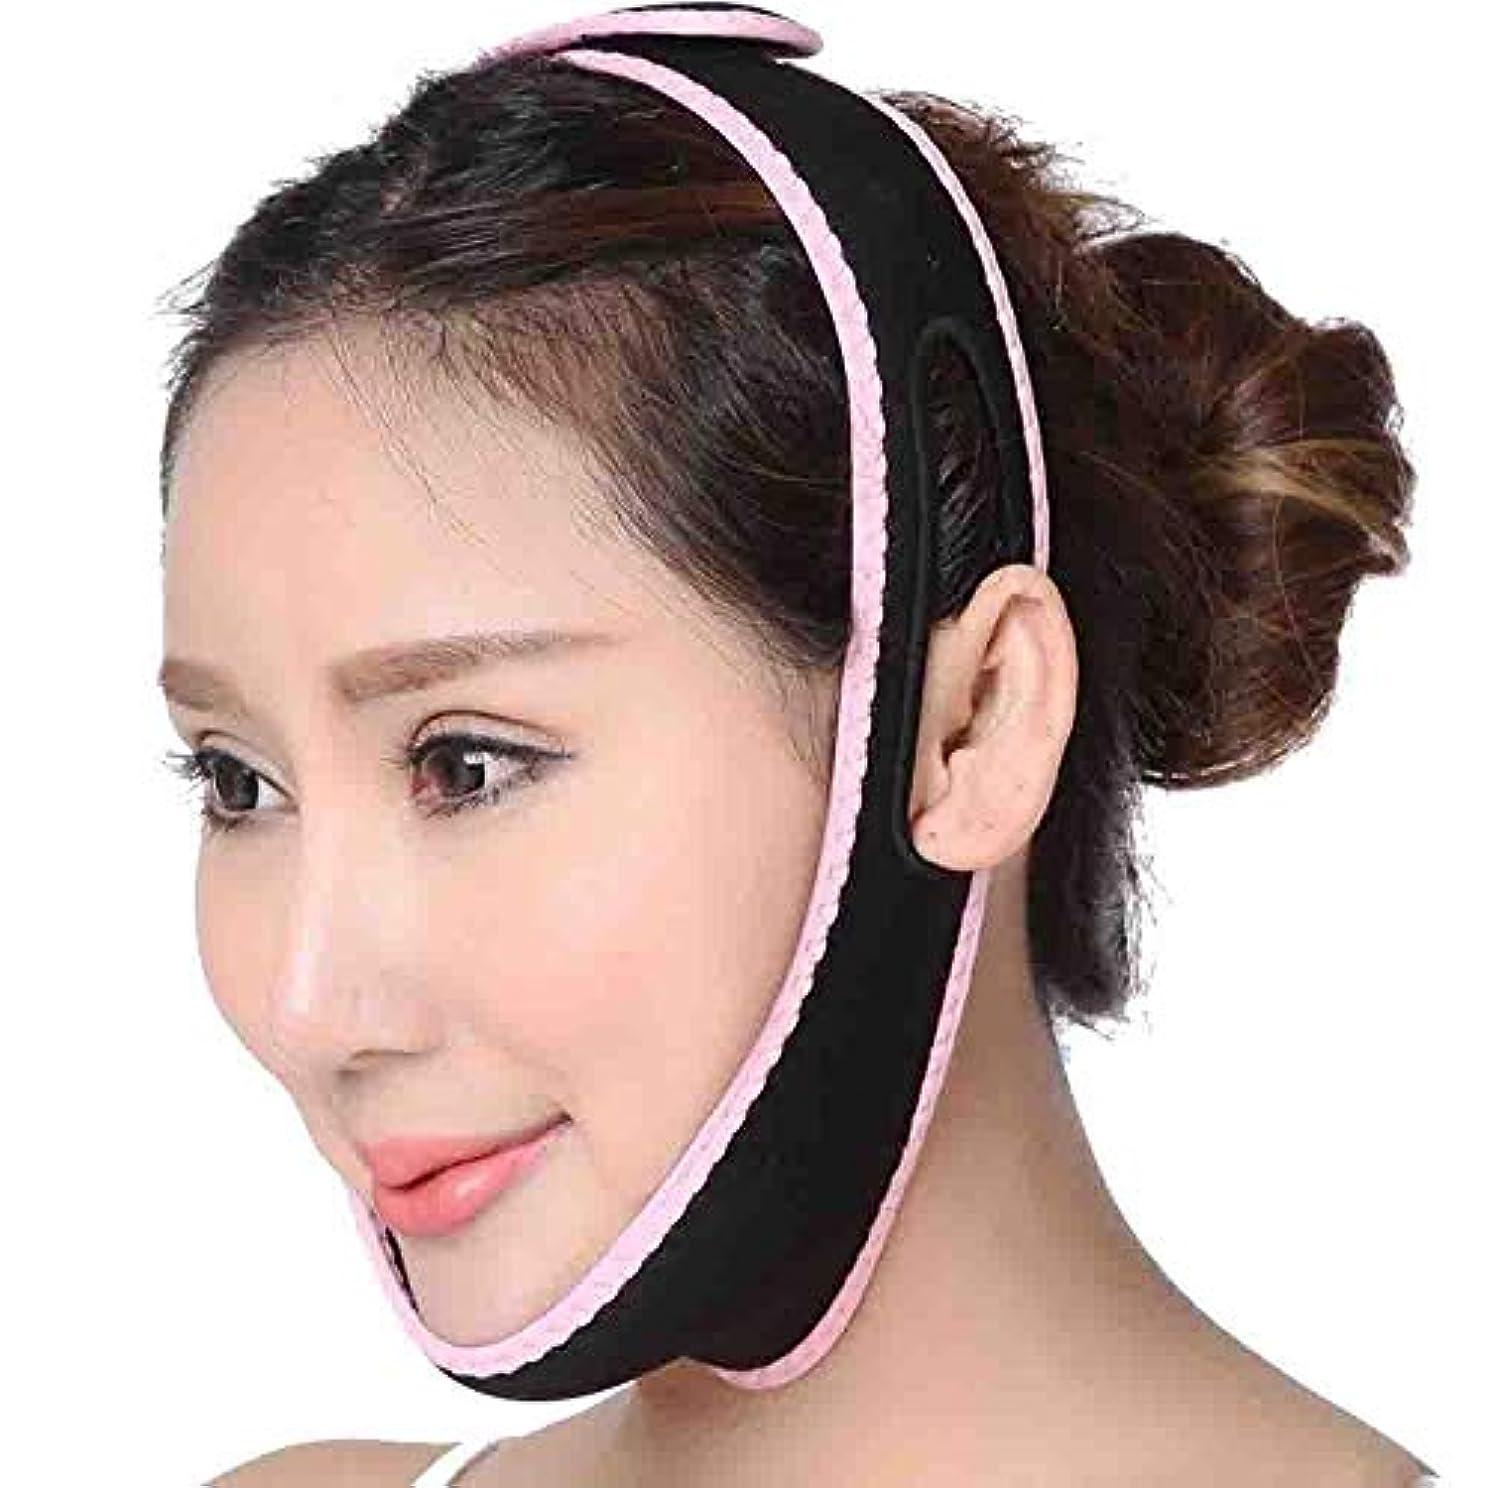 ハシー合併症人里離れたフェイスリフティング包帯、顔の矯正V字型で肌の弾力性を高めます (Color : Black)